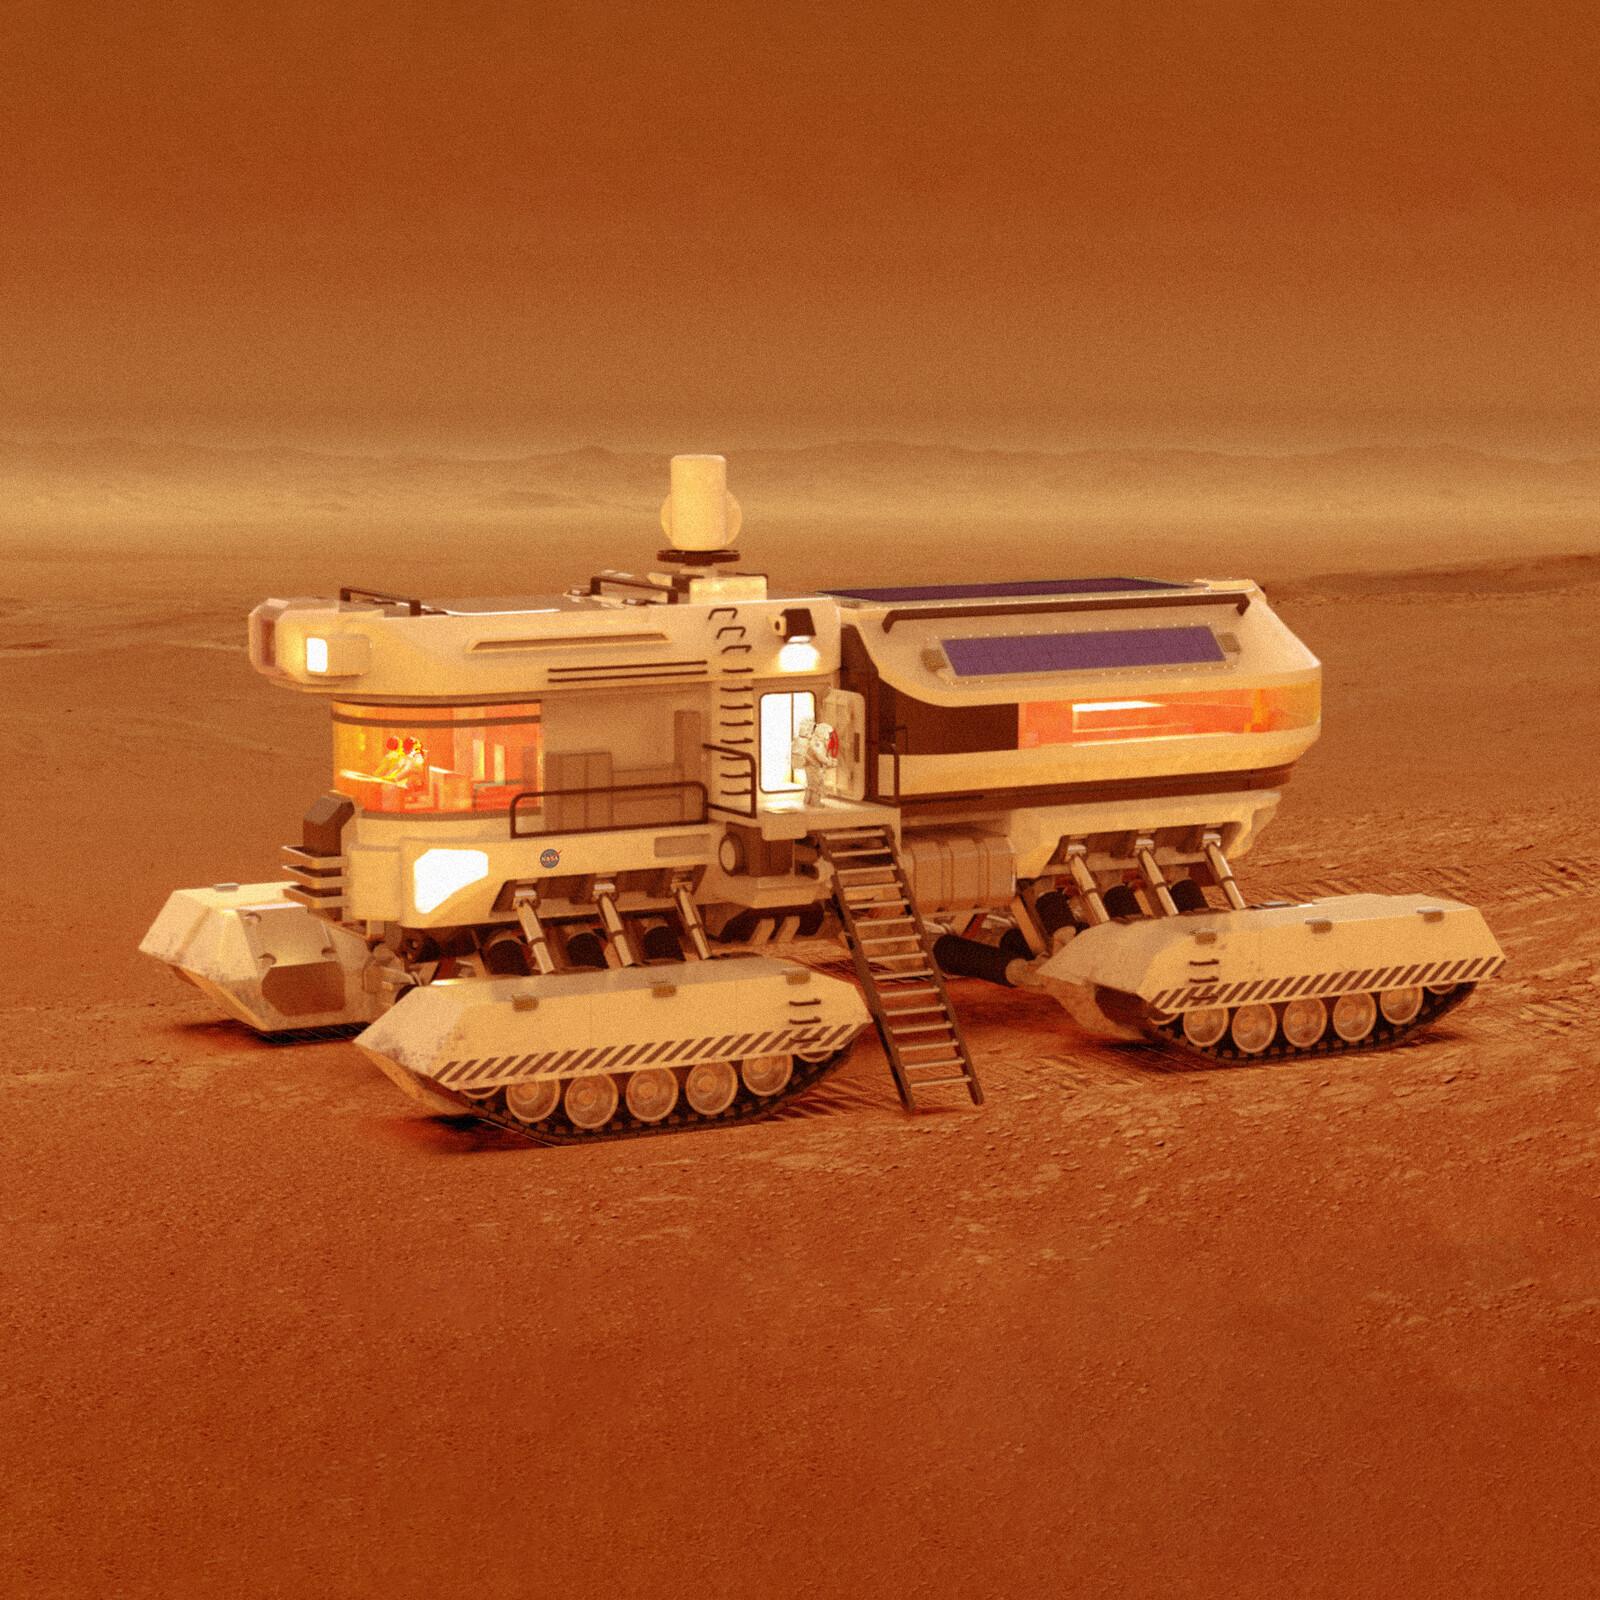 Mars Cruiser